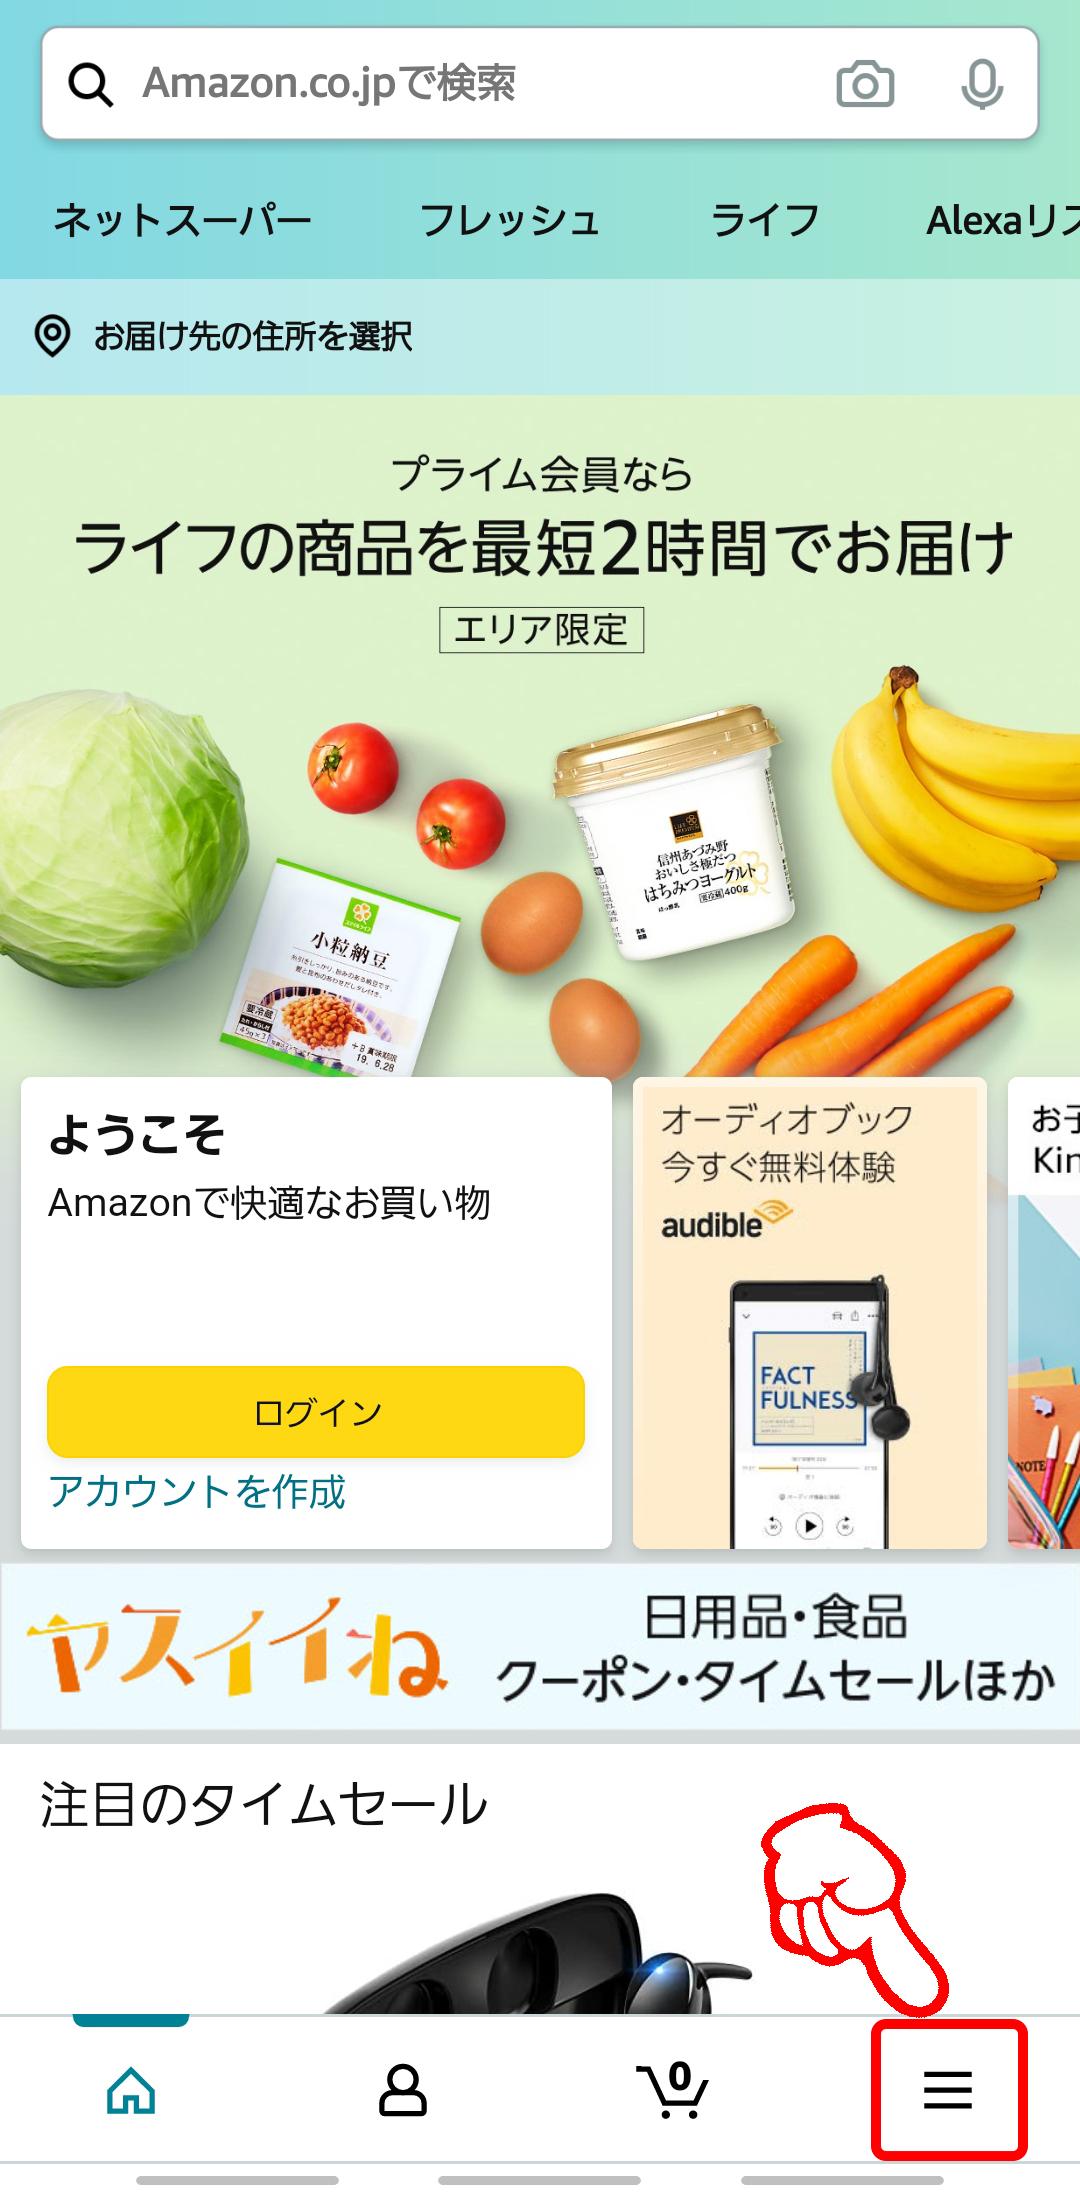 アマゾンアプリほしい物リスト作り方-1